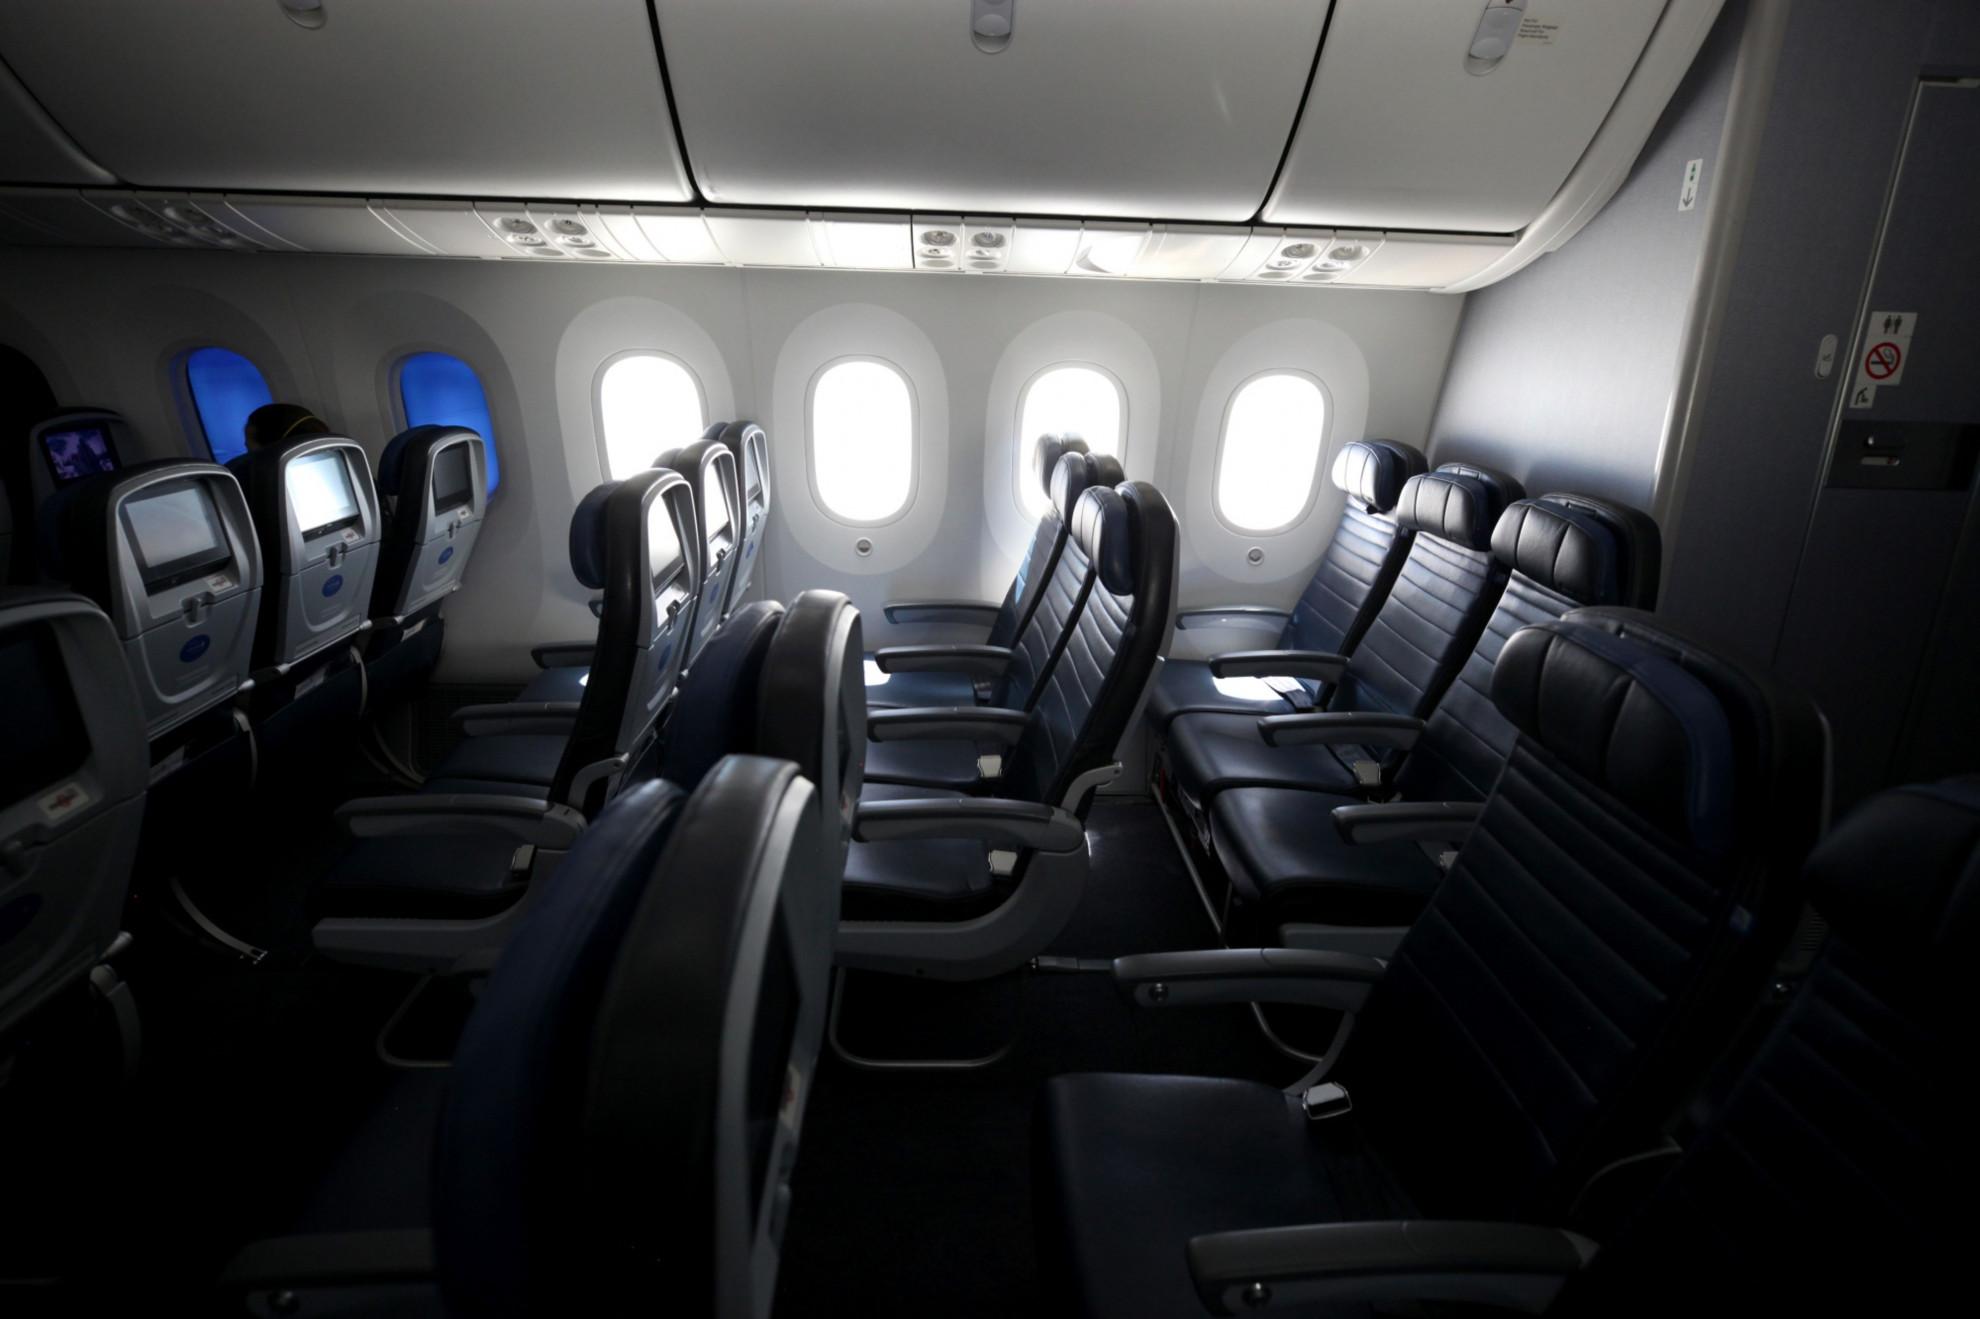 Las cabinas de los aviones podrían verse diferentes la ...